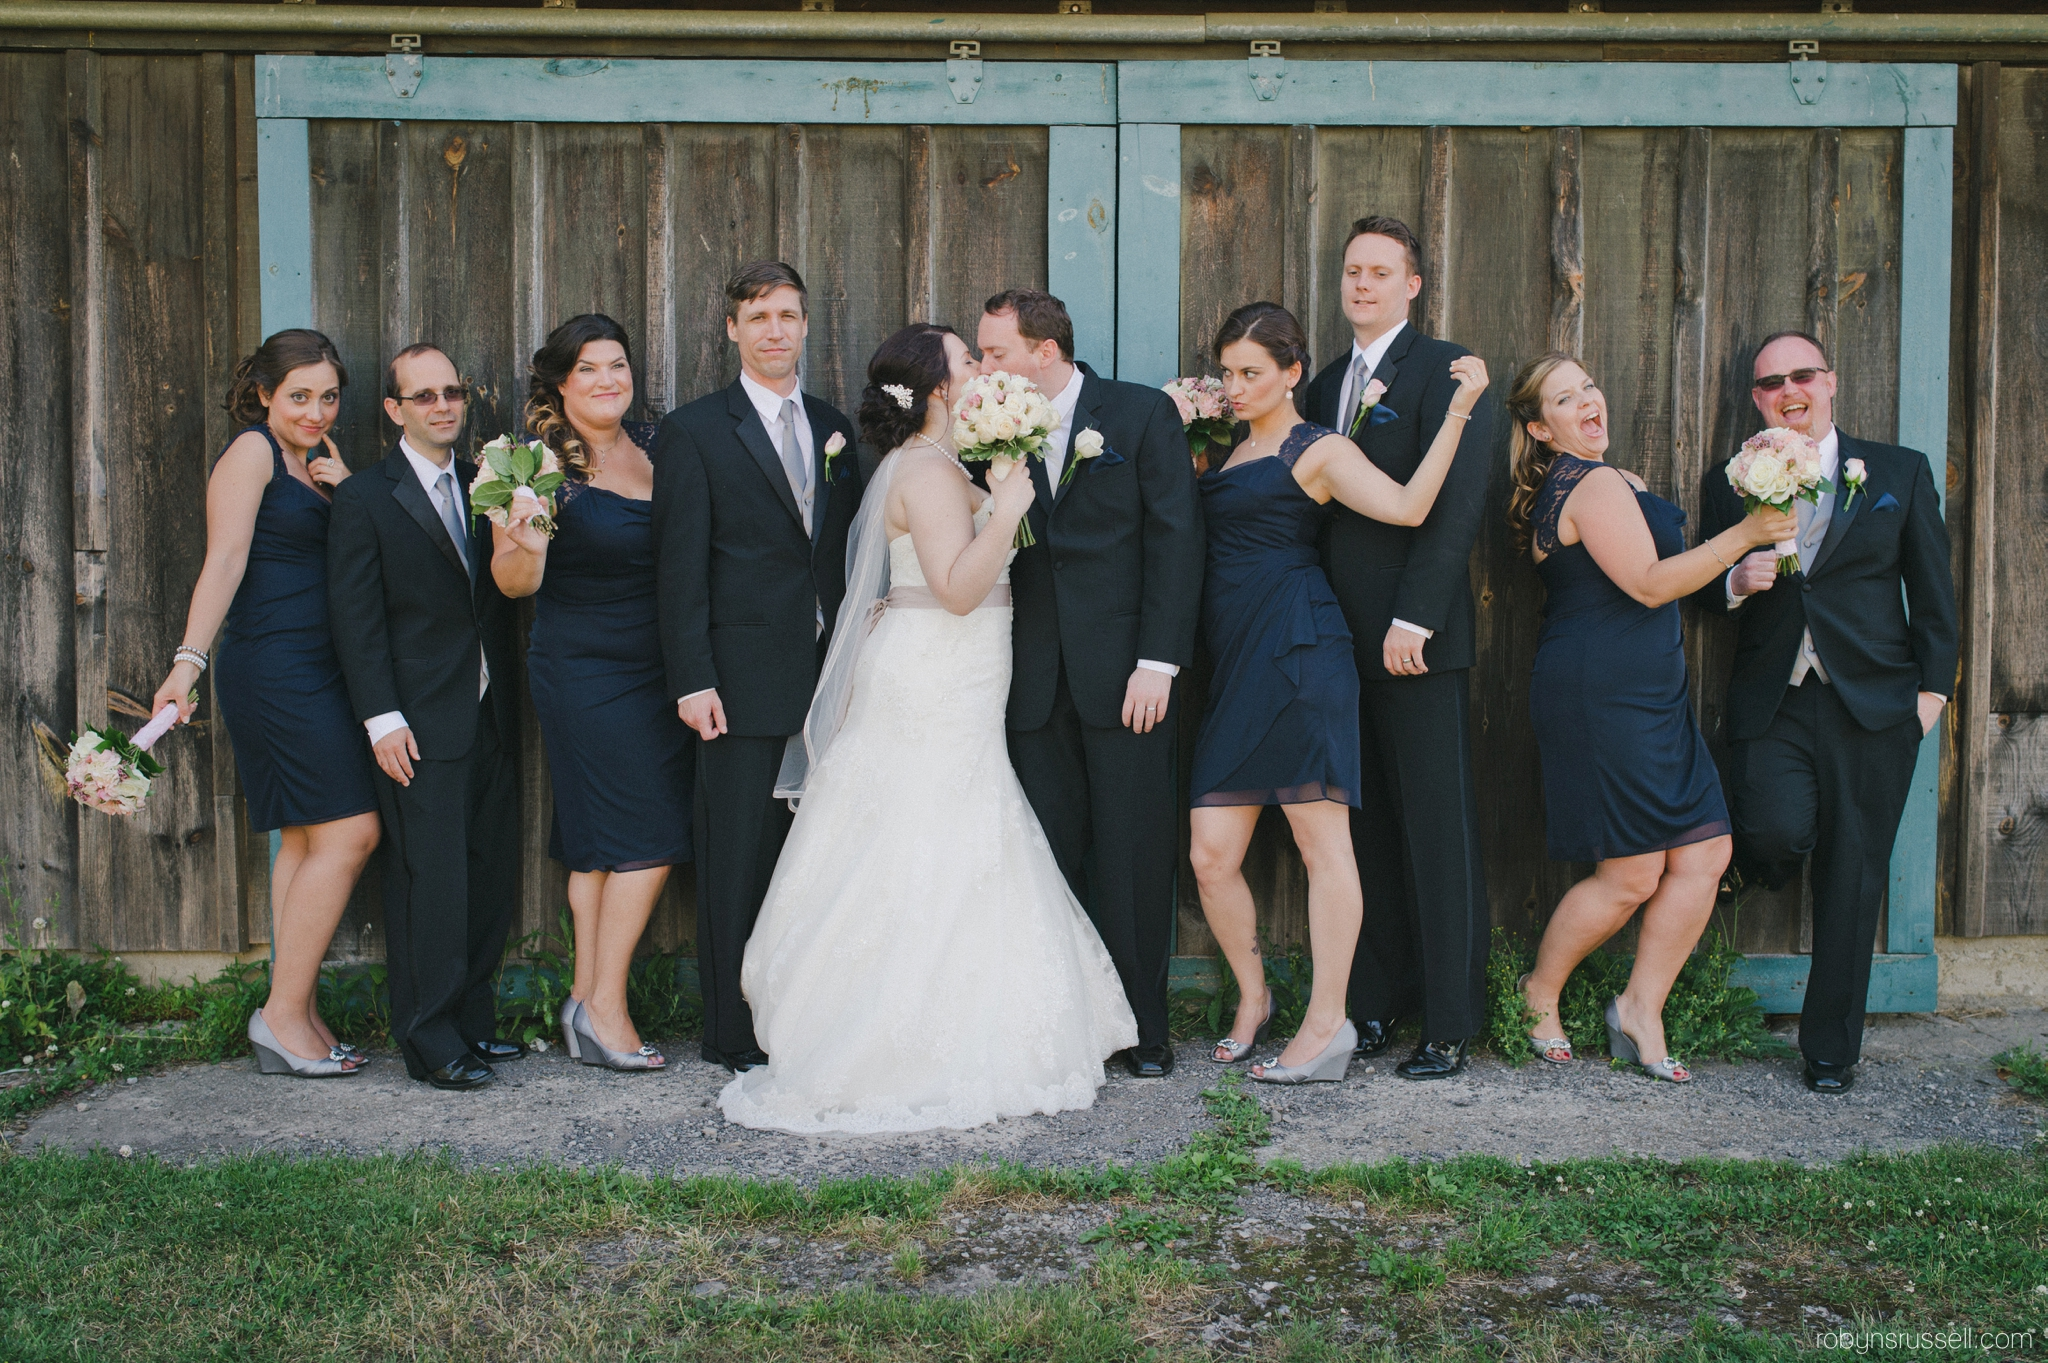 29-bride-and-groom-kissing-bridal-party-hernder.jpg